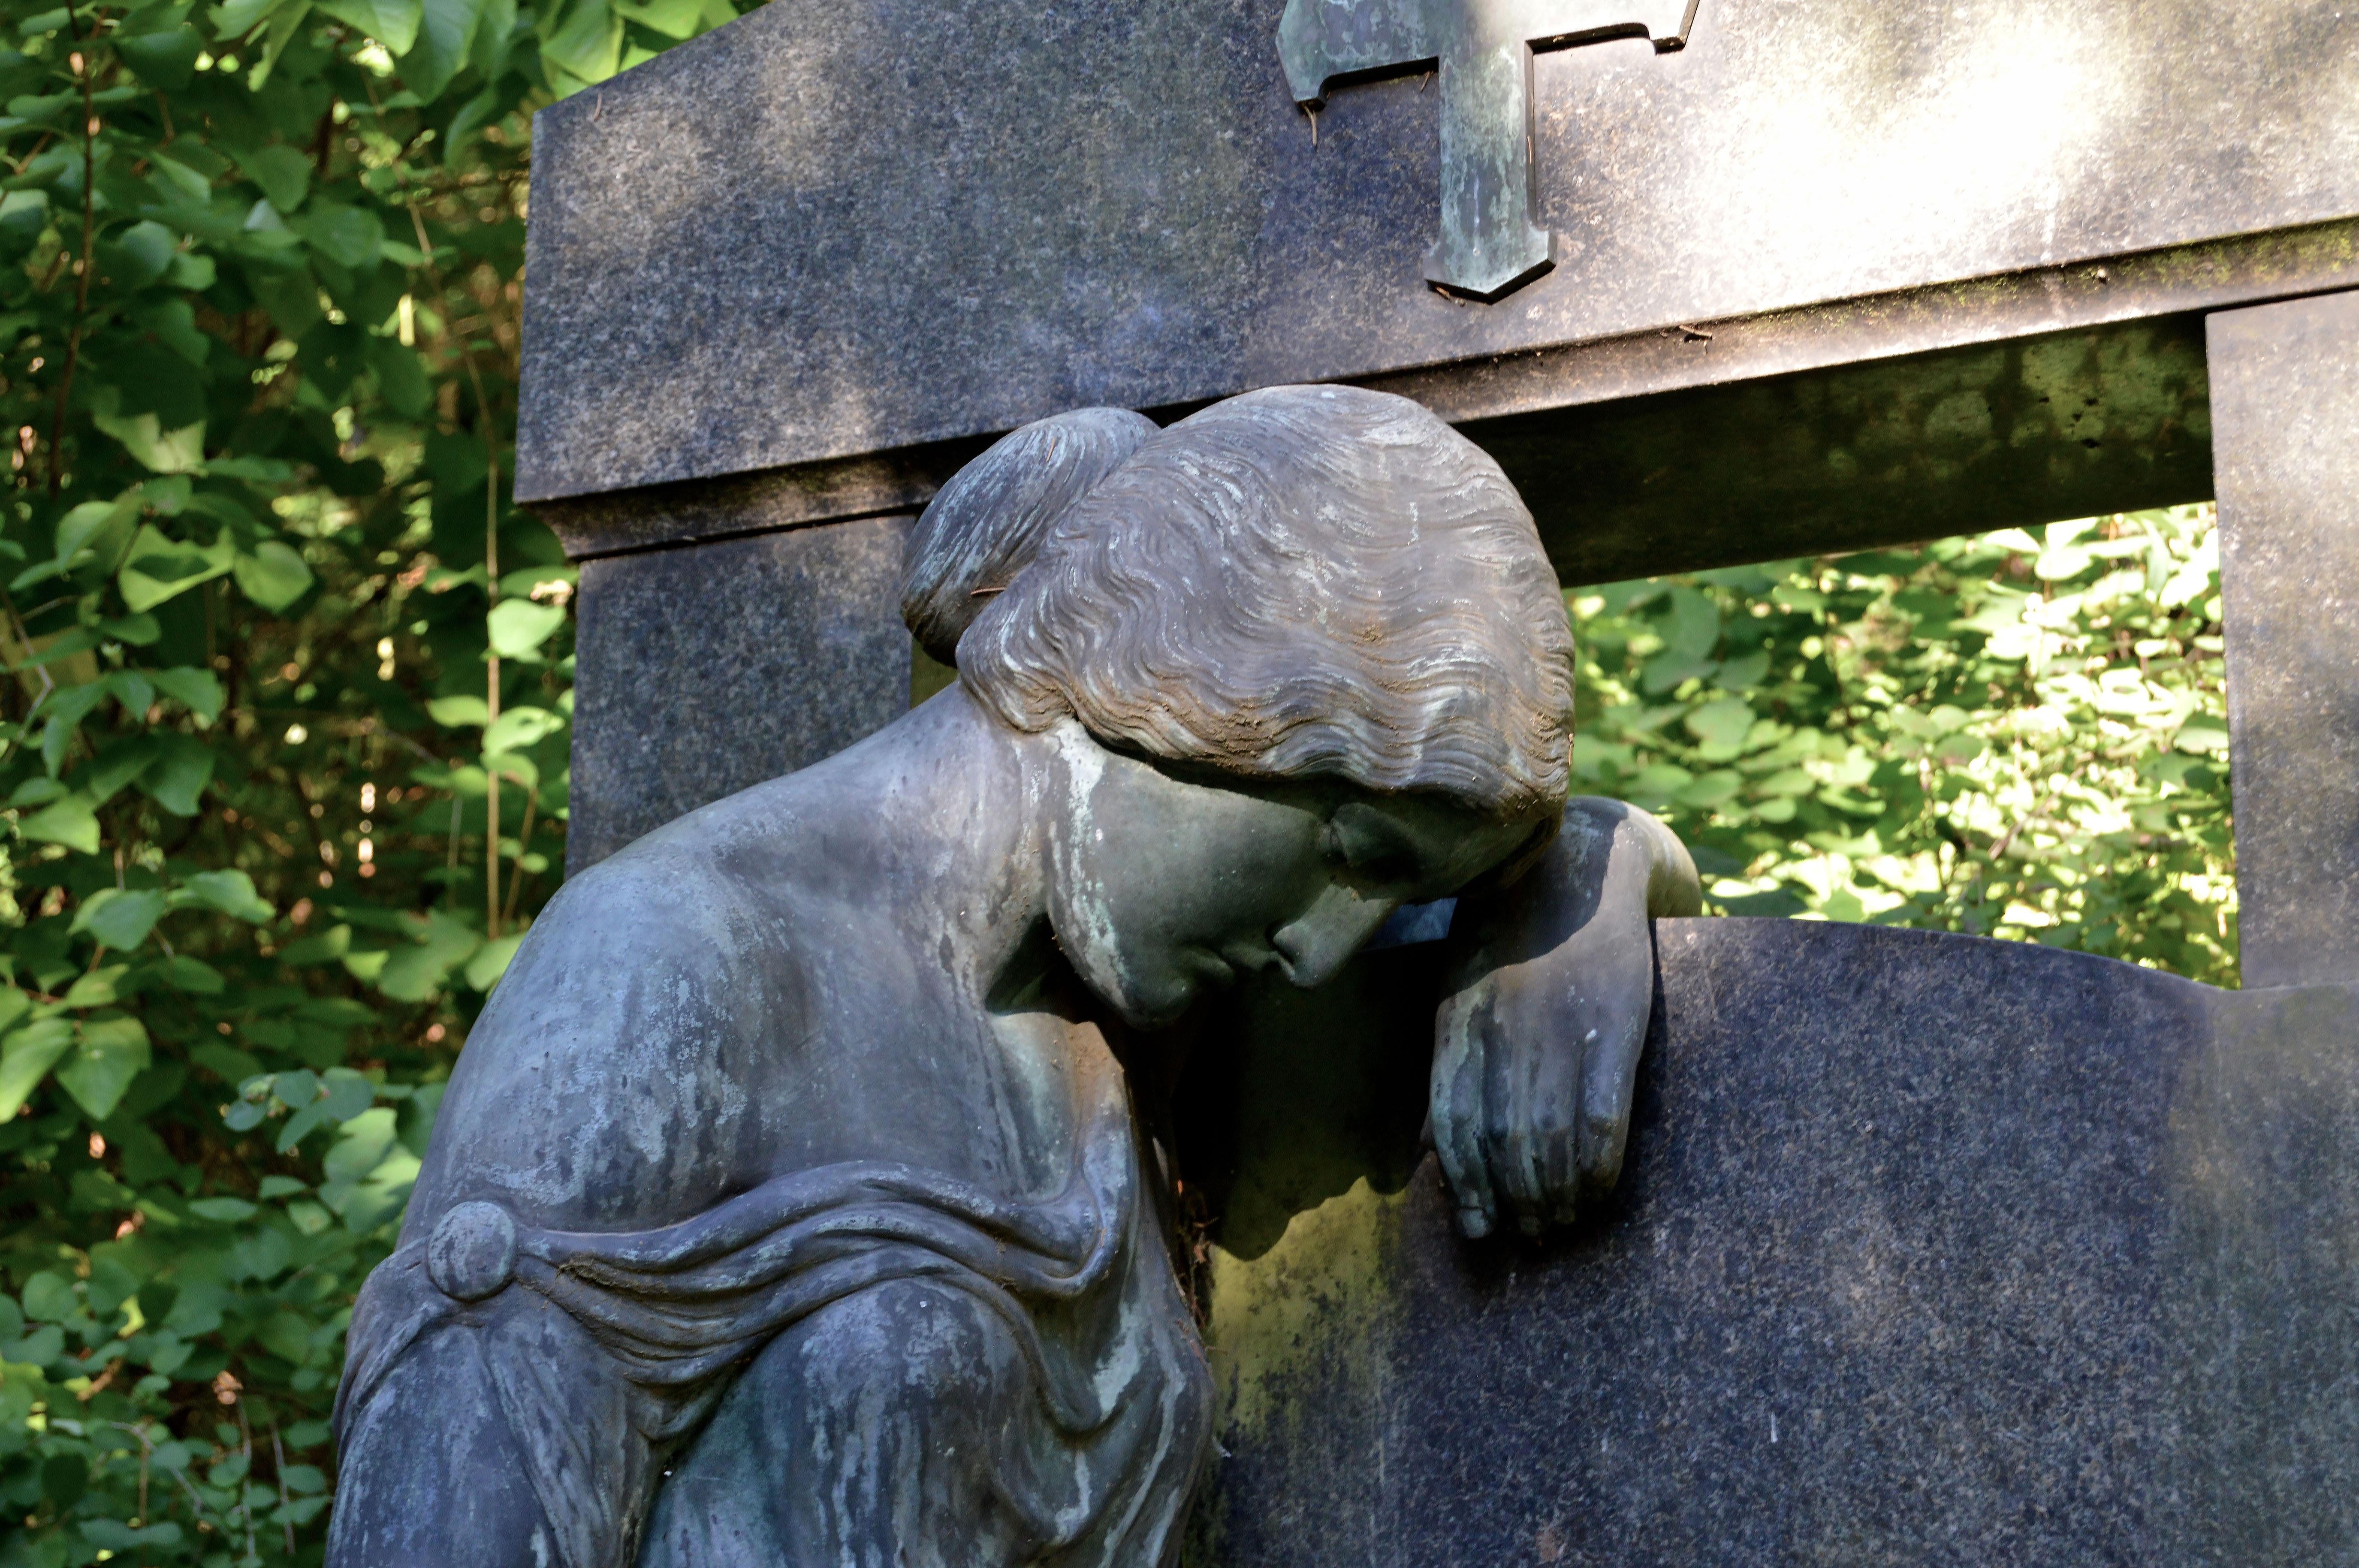 Free Images Rock Monument Statue Ceramic Decay Cemetery Fig - Ceramic memorial photos